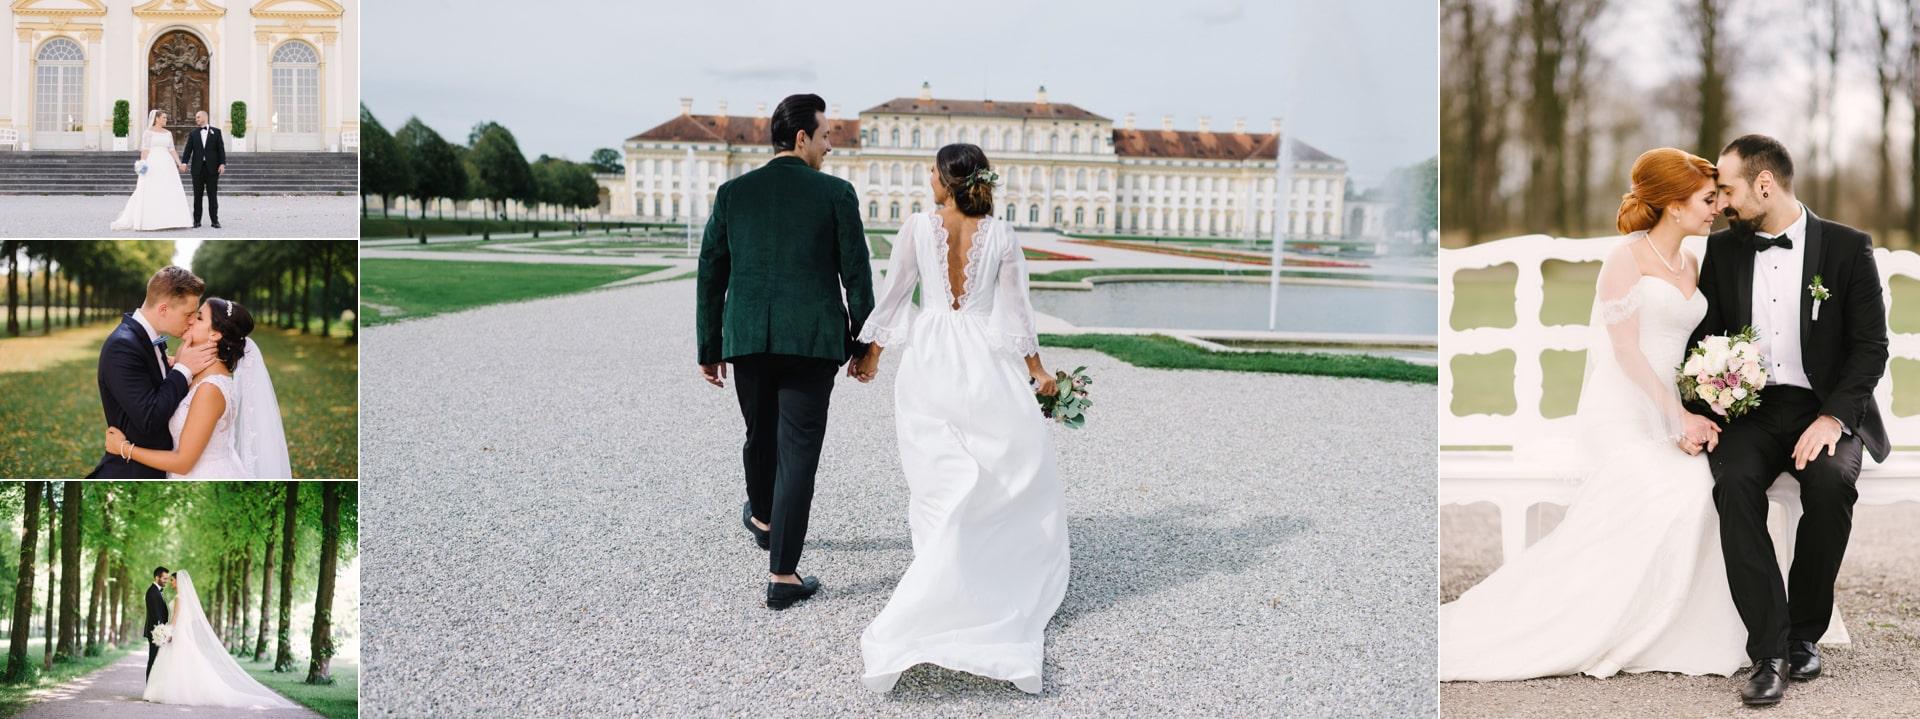 Brautpaar Schloss Schleißheim Hochzeit wunderschöne Hochzeitslocation. Auch diese Location ist eines der besten Fotolocations für Hochzeitspaare.